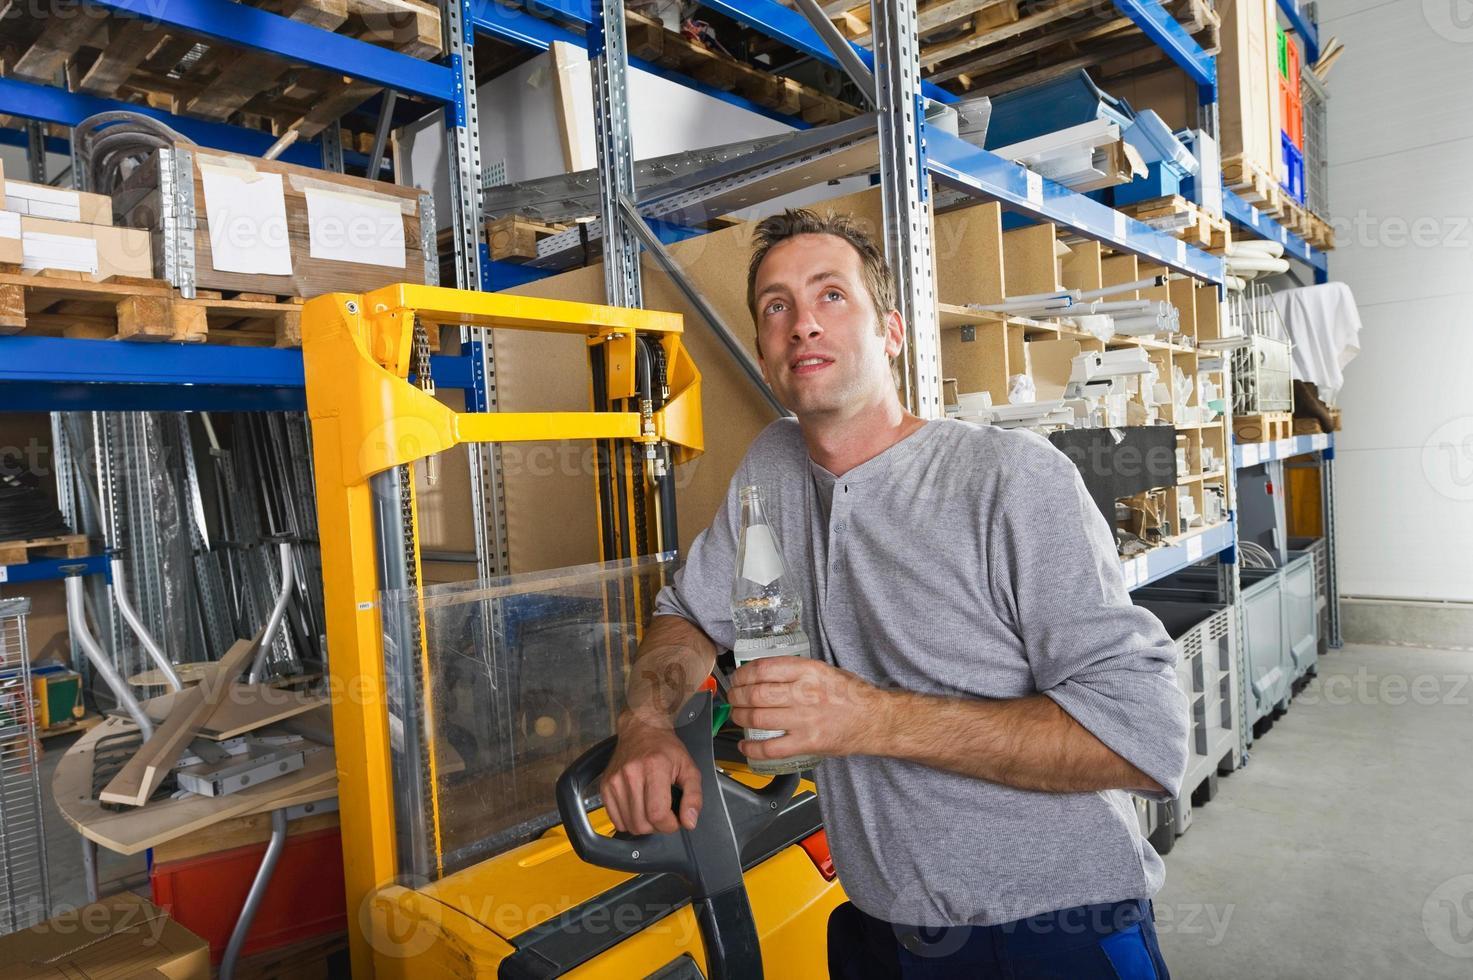 Alemanha, Baviera, Munique, trabalhador manual com garrafa de água foto